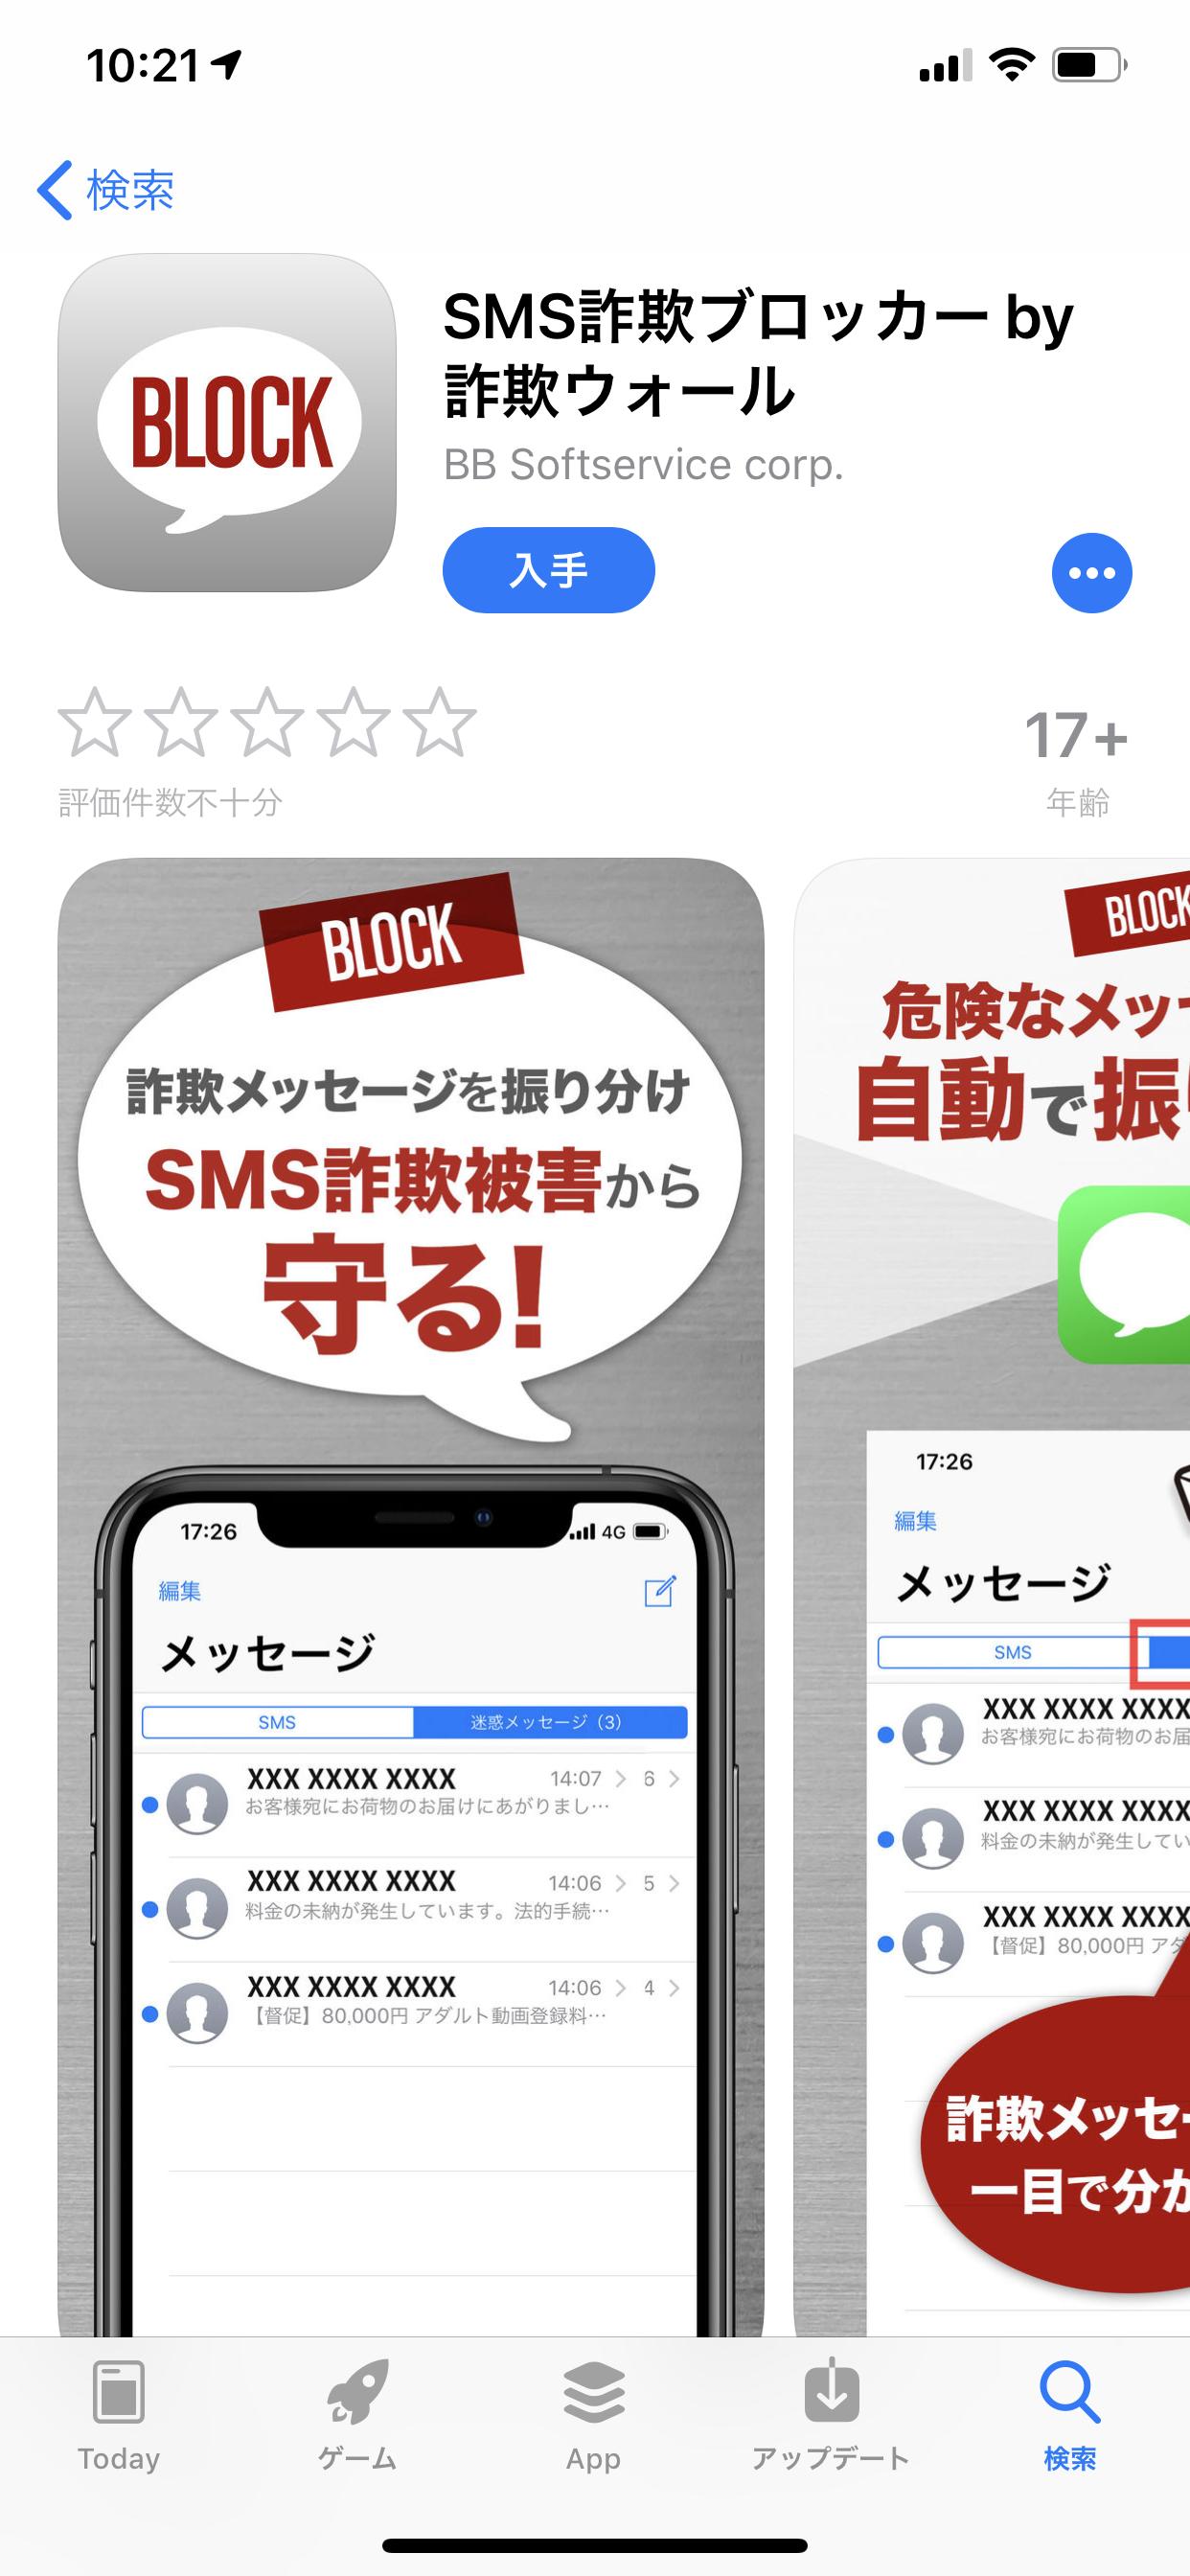 年末までは「SMS詐欺ブロッカー」を無料で利用できます